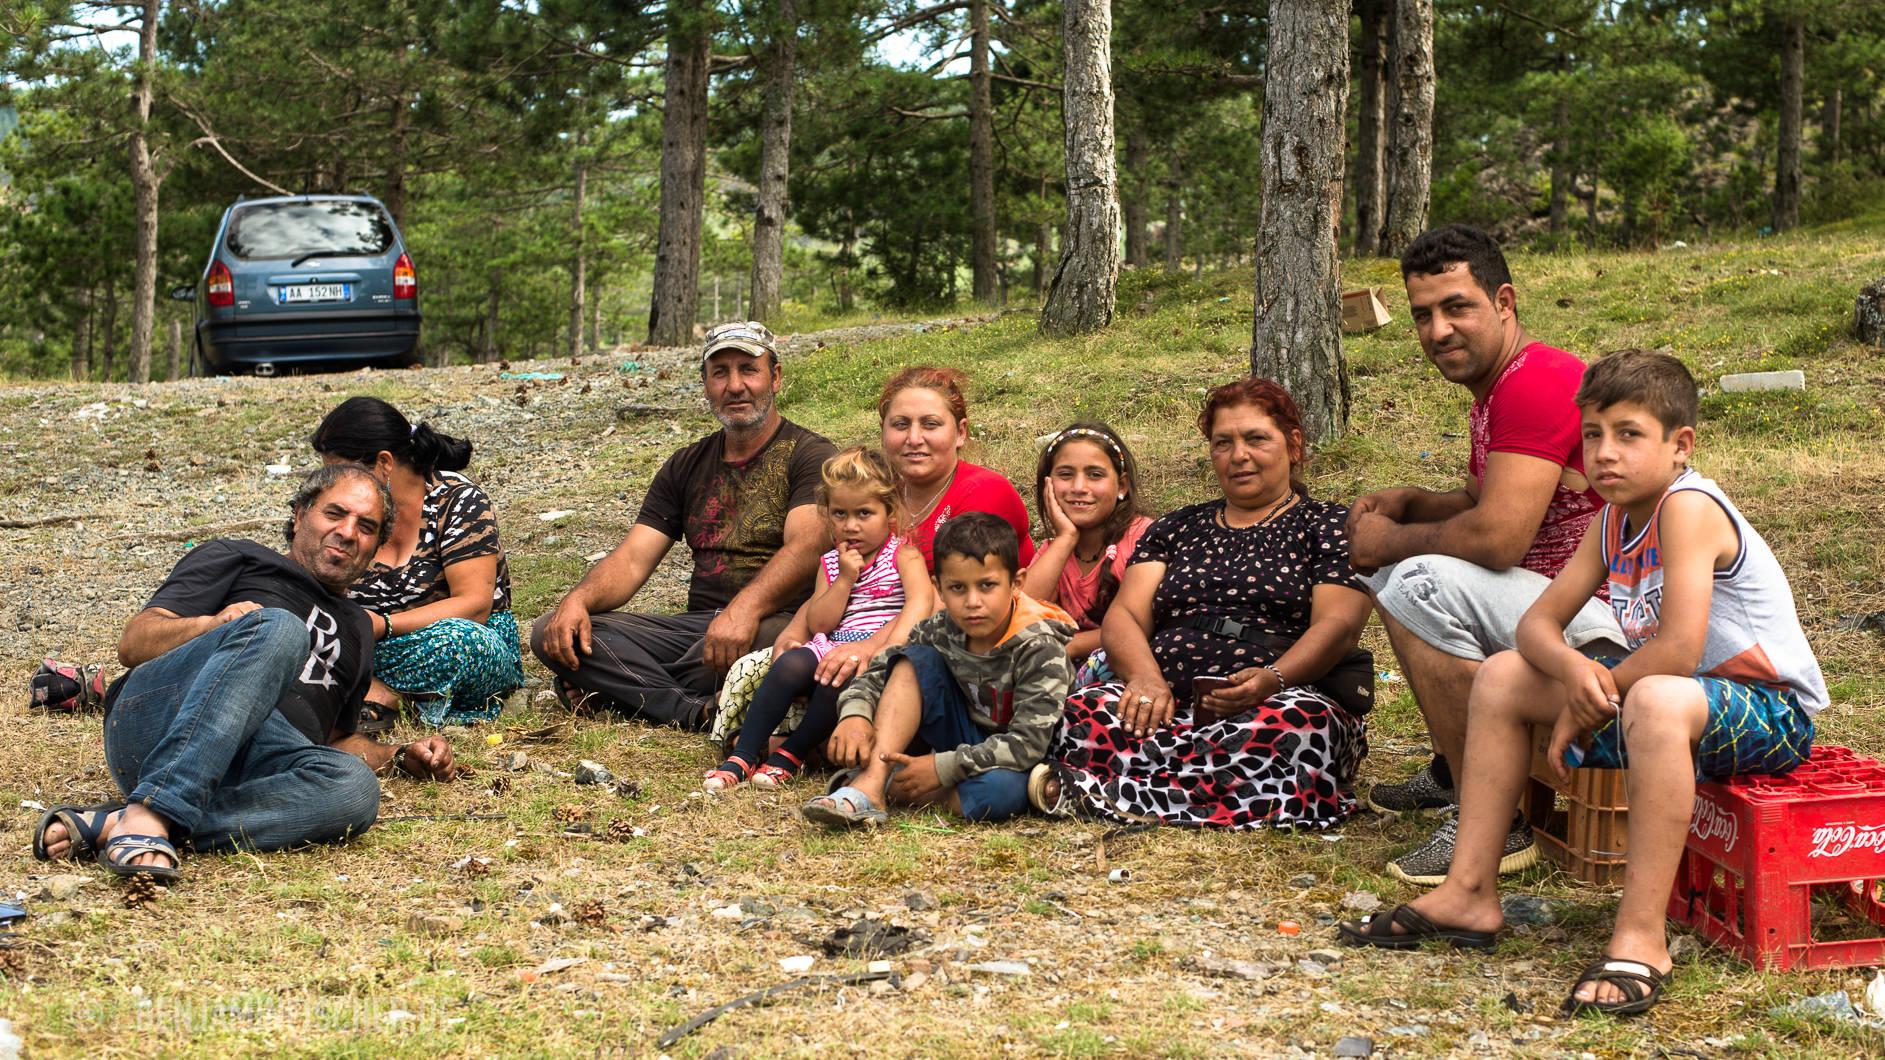 Die Familie Muhaxhiri. Großvater (v.l.), Tante und Onkel. Dann folgt die Kernfamilie mit Mira (3), Mutter Lida (26), Blero (7), Esmiralda (9), Großmutter, Vater Erijon (27) und Dominik (10).